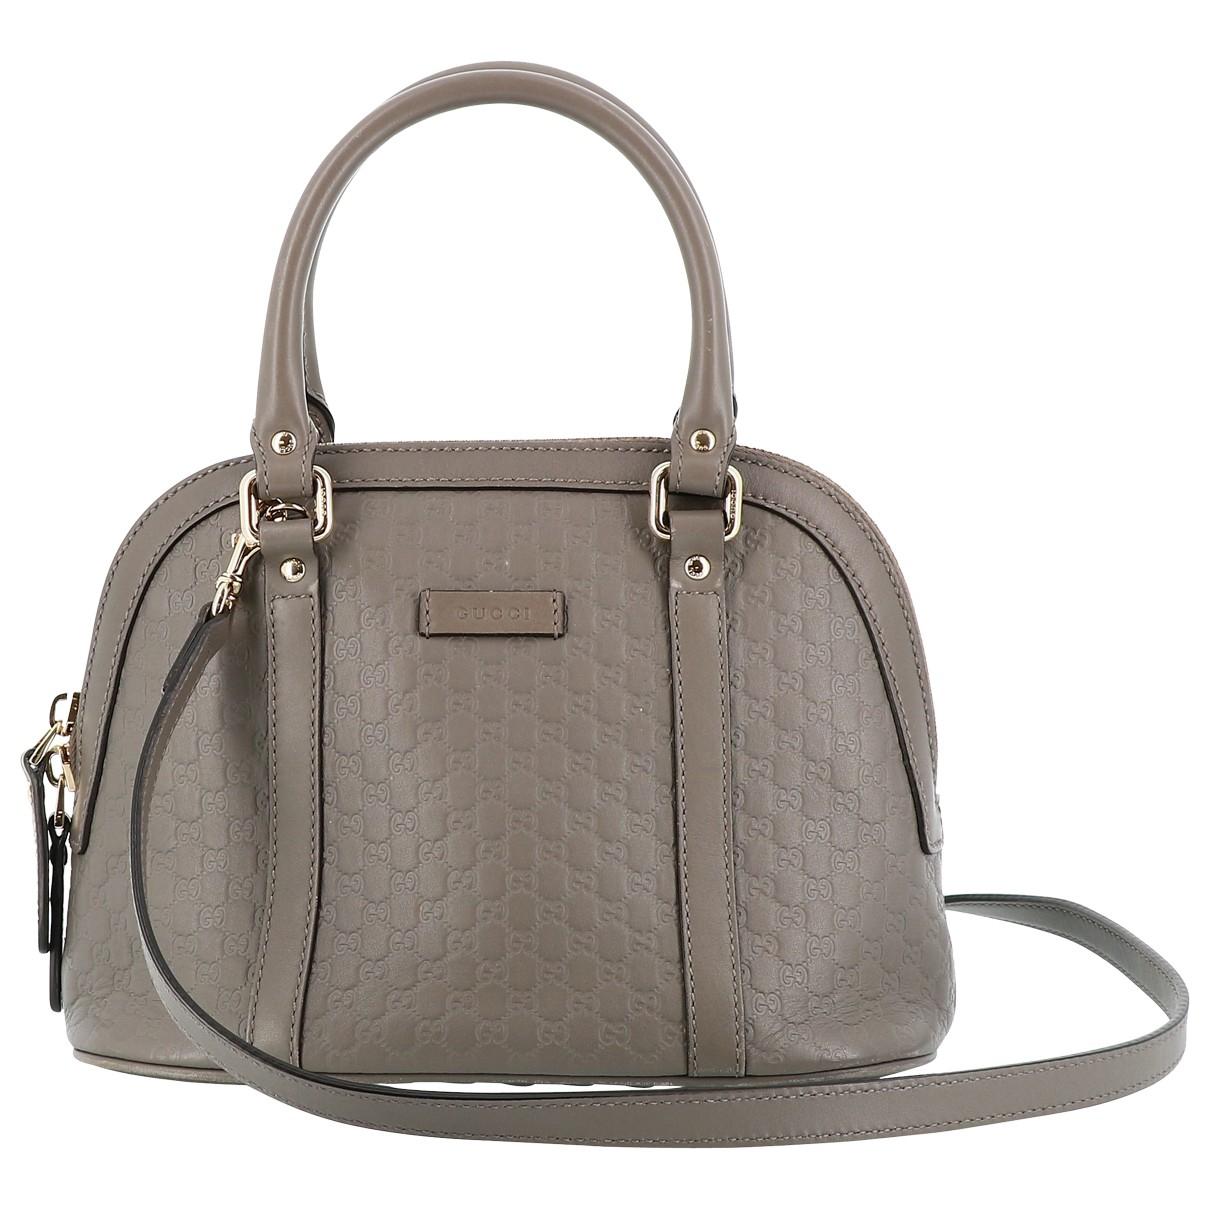 Gucci - Sac a main   pour femme en cuir - gris